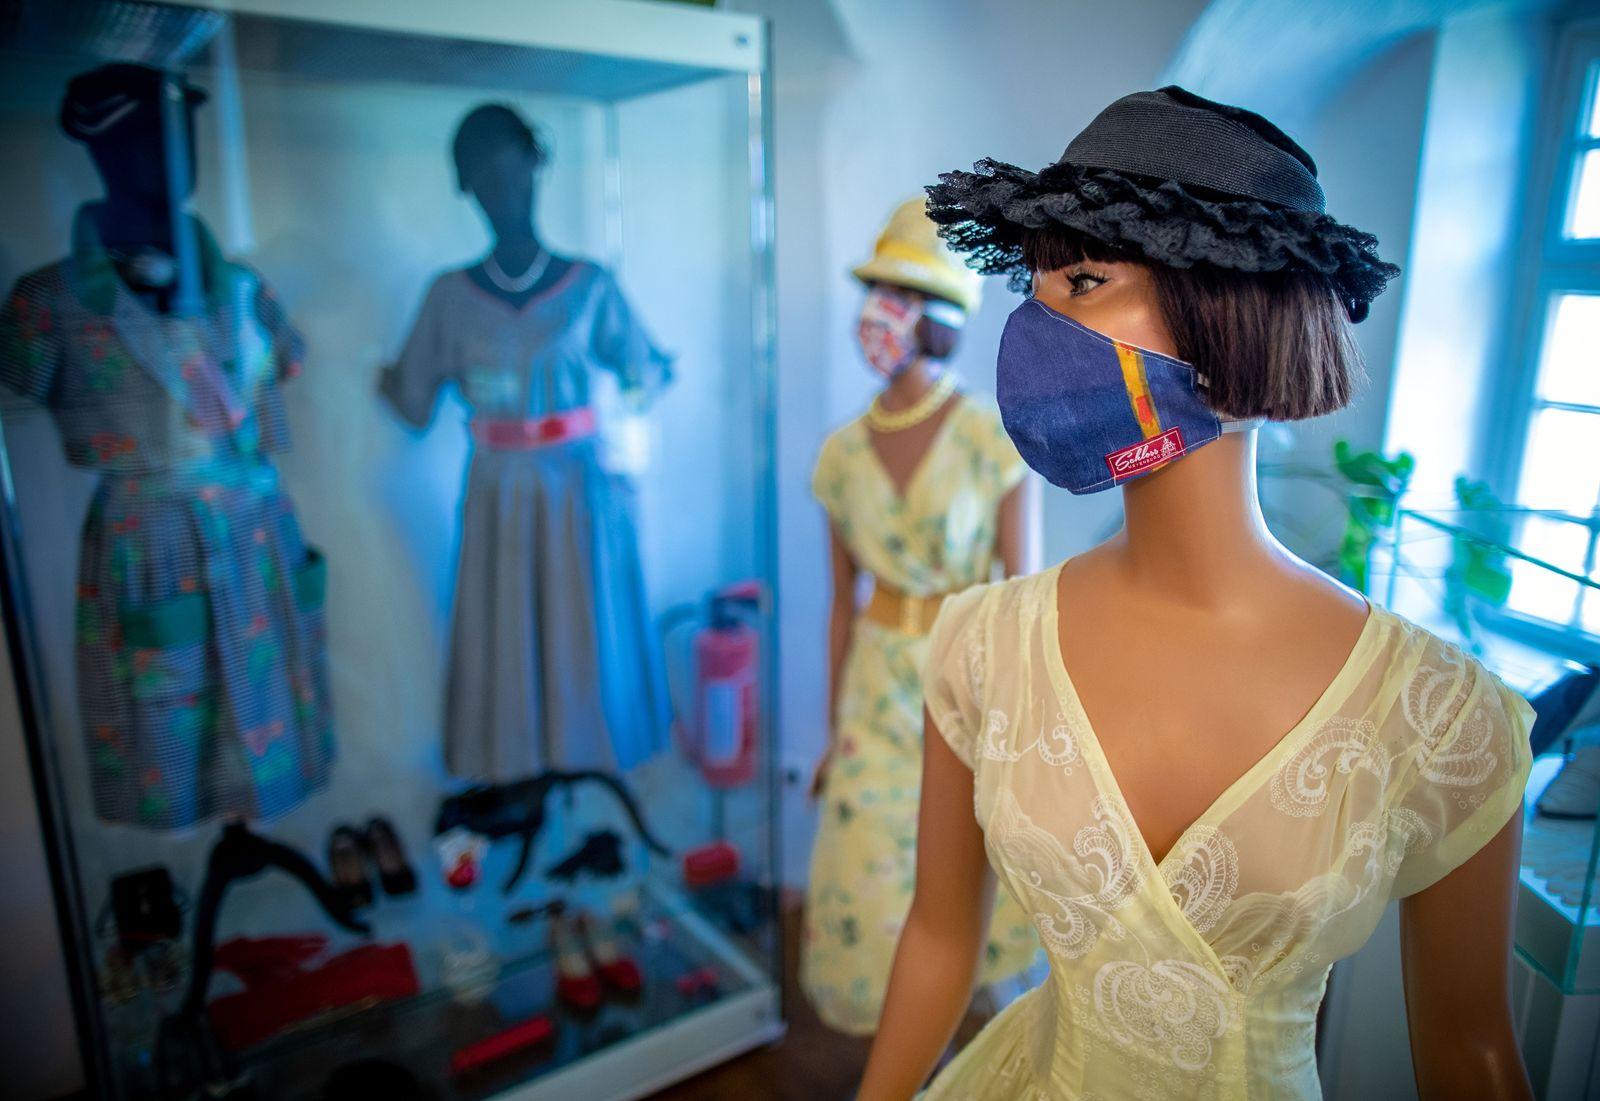 Coronavirus - Modemuseum näht Stoffmasken